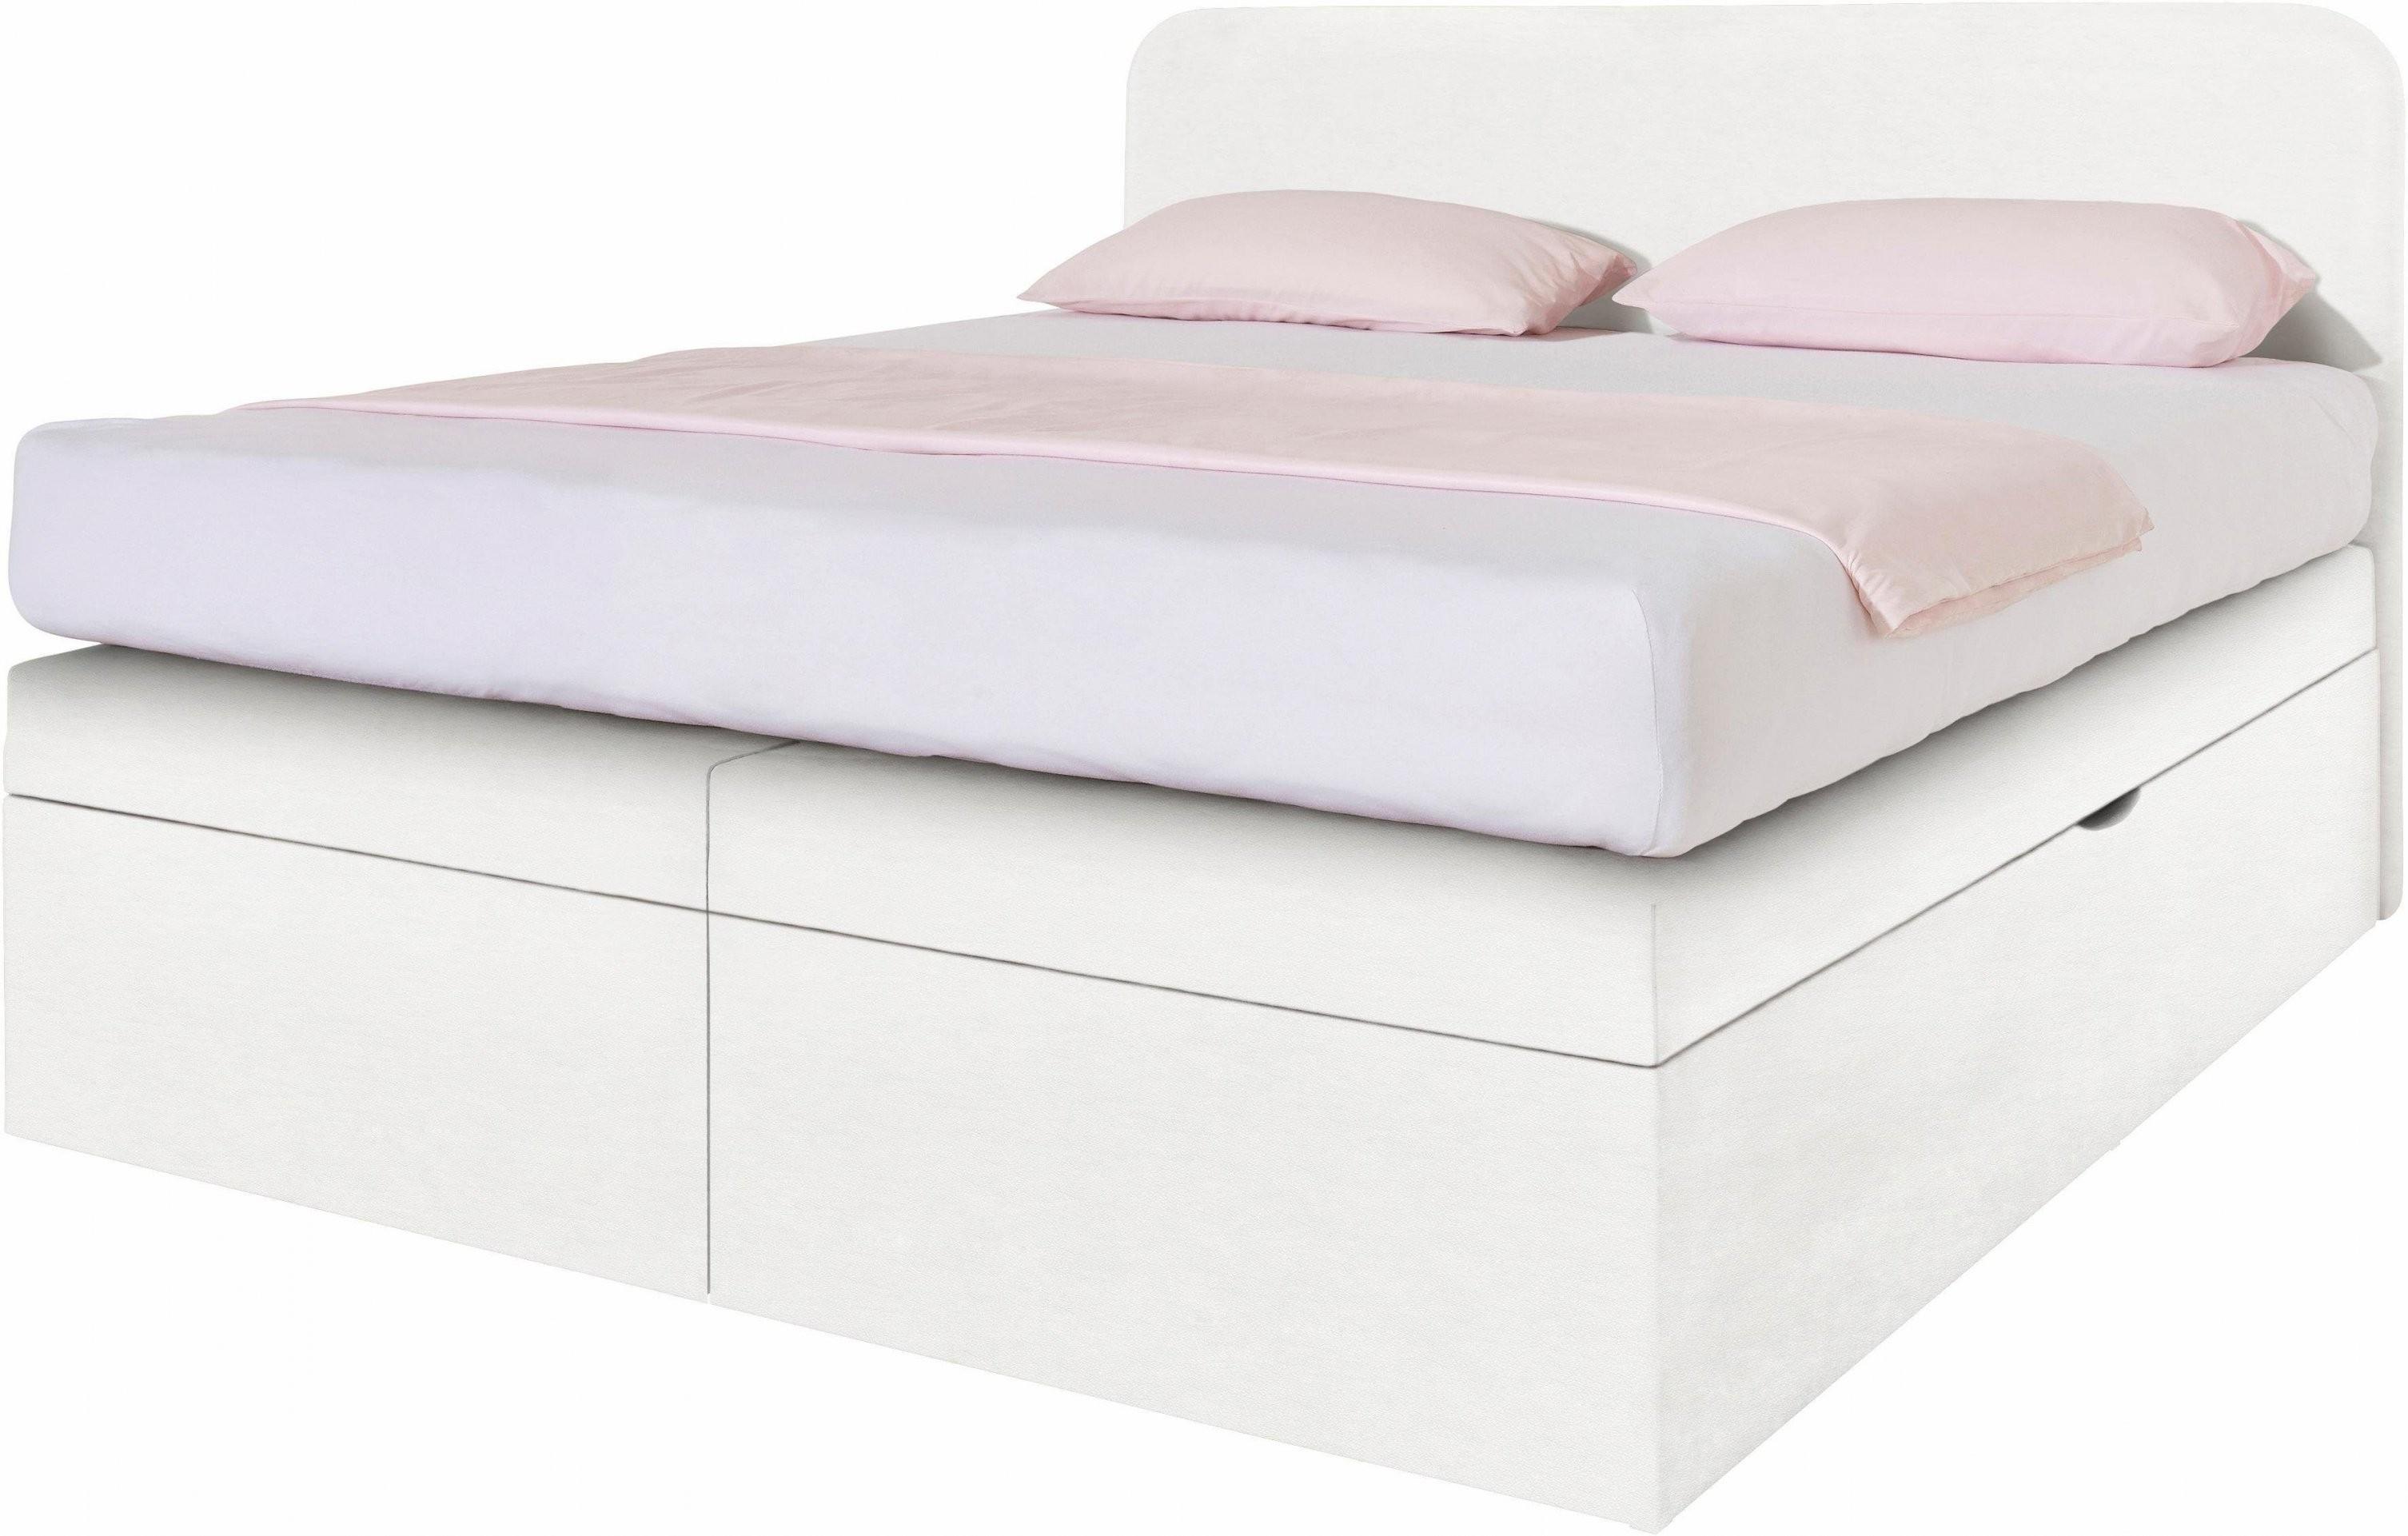 Lit Moderne 140 X 200 Erstaunlich Günstige Betten 140X200 Mit von Bett 140X200 Mit Matratze Und Lattenrost Günstig Photo